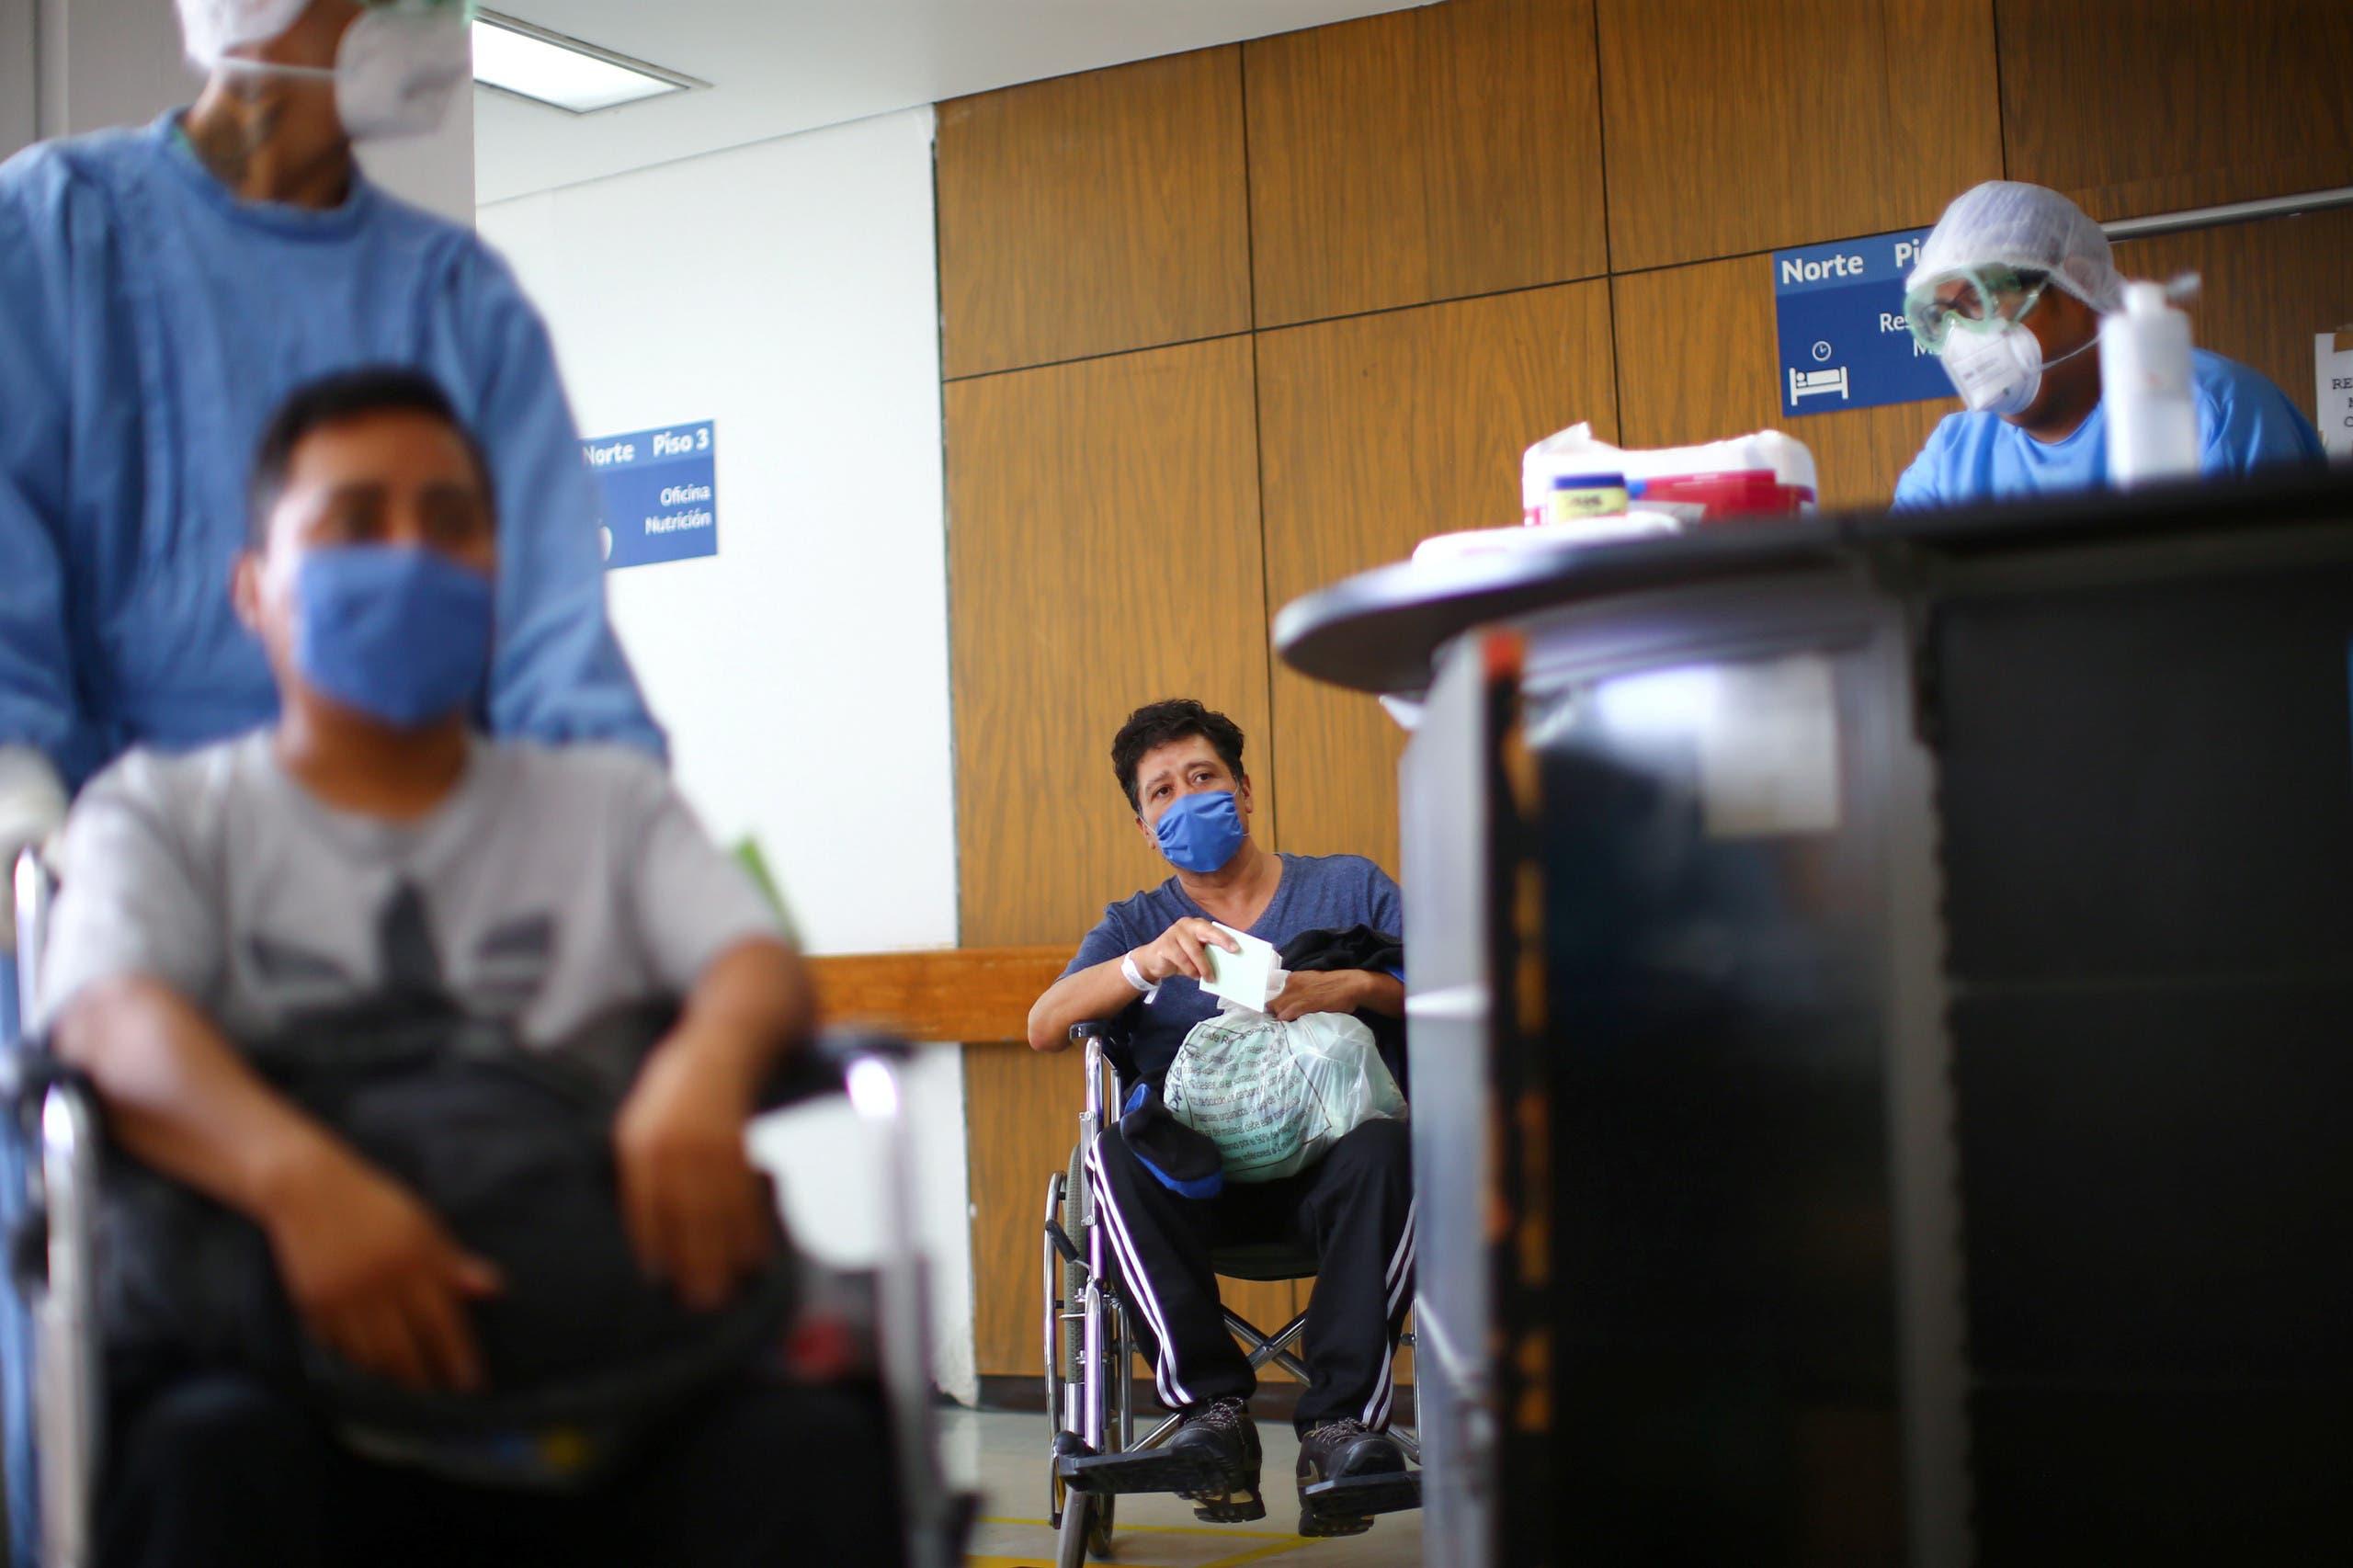 شخص تعافى من كورونا يغادر المستشفى في المكسيك